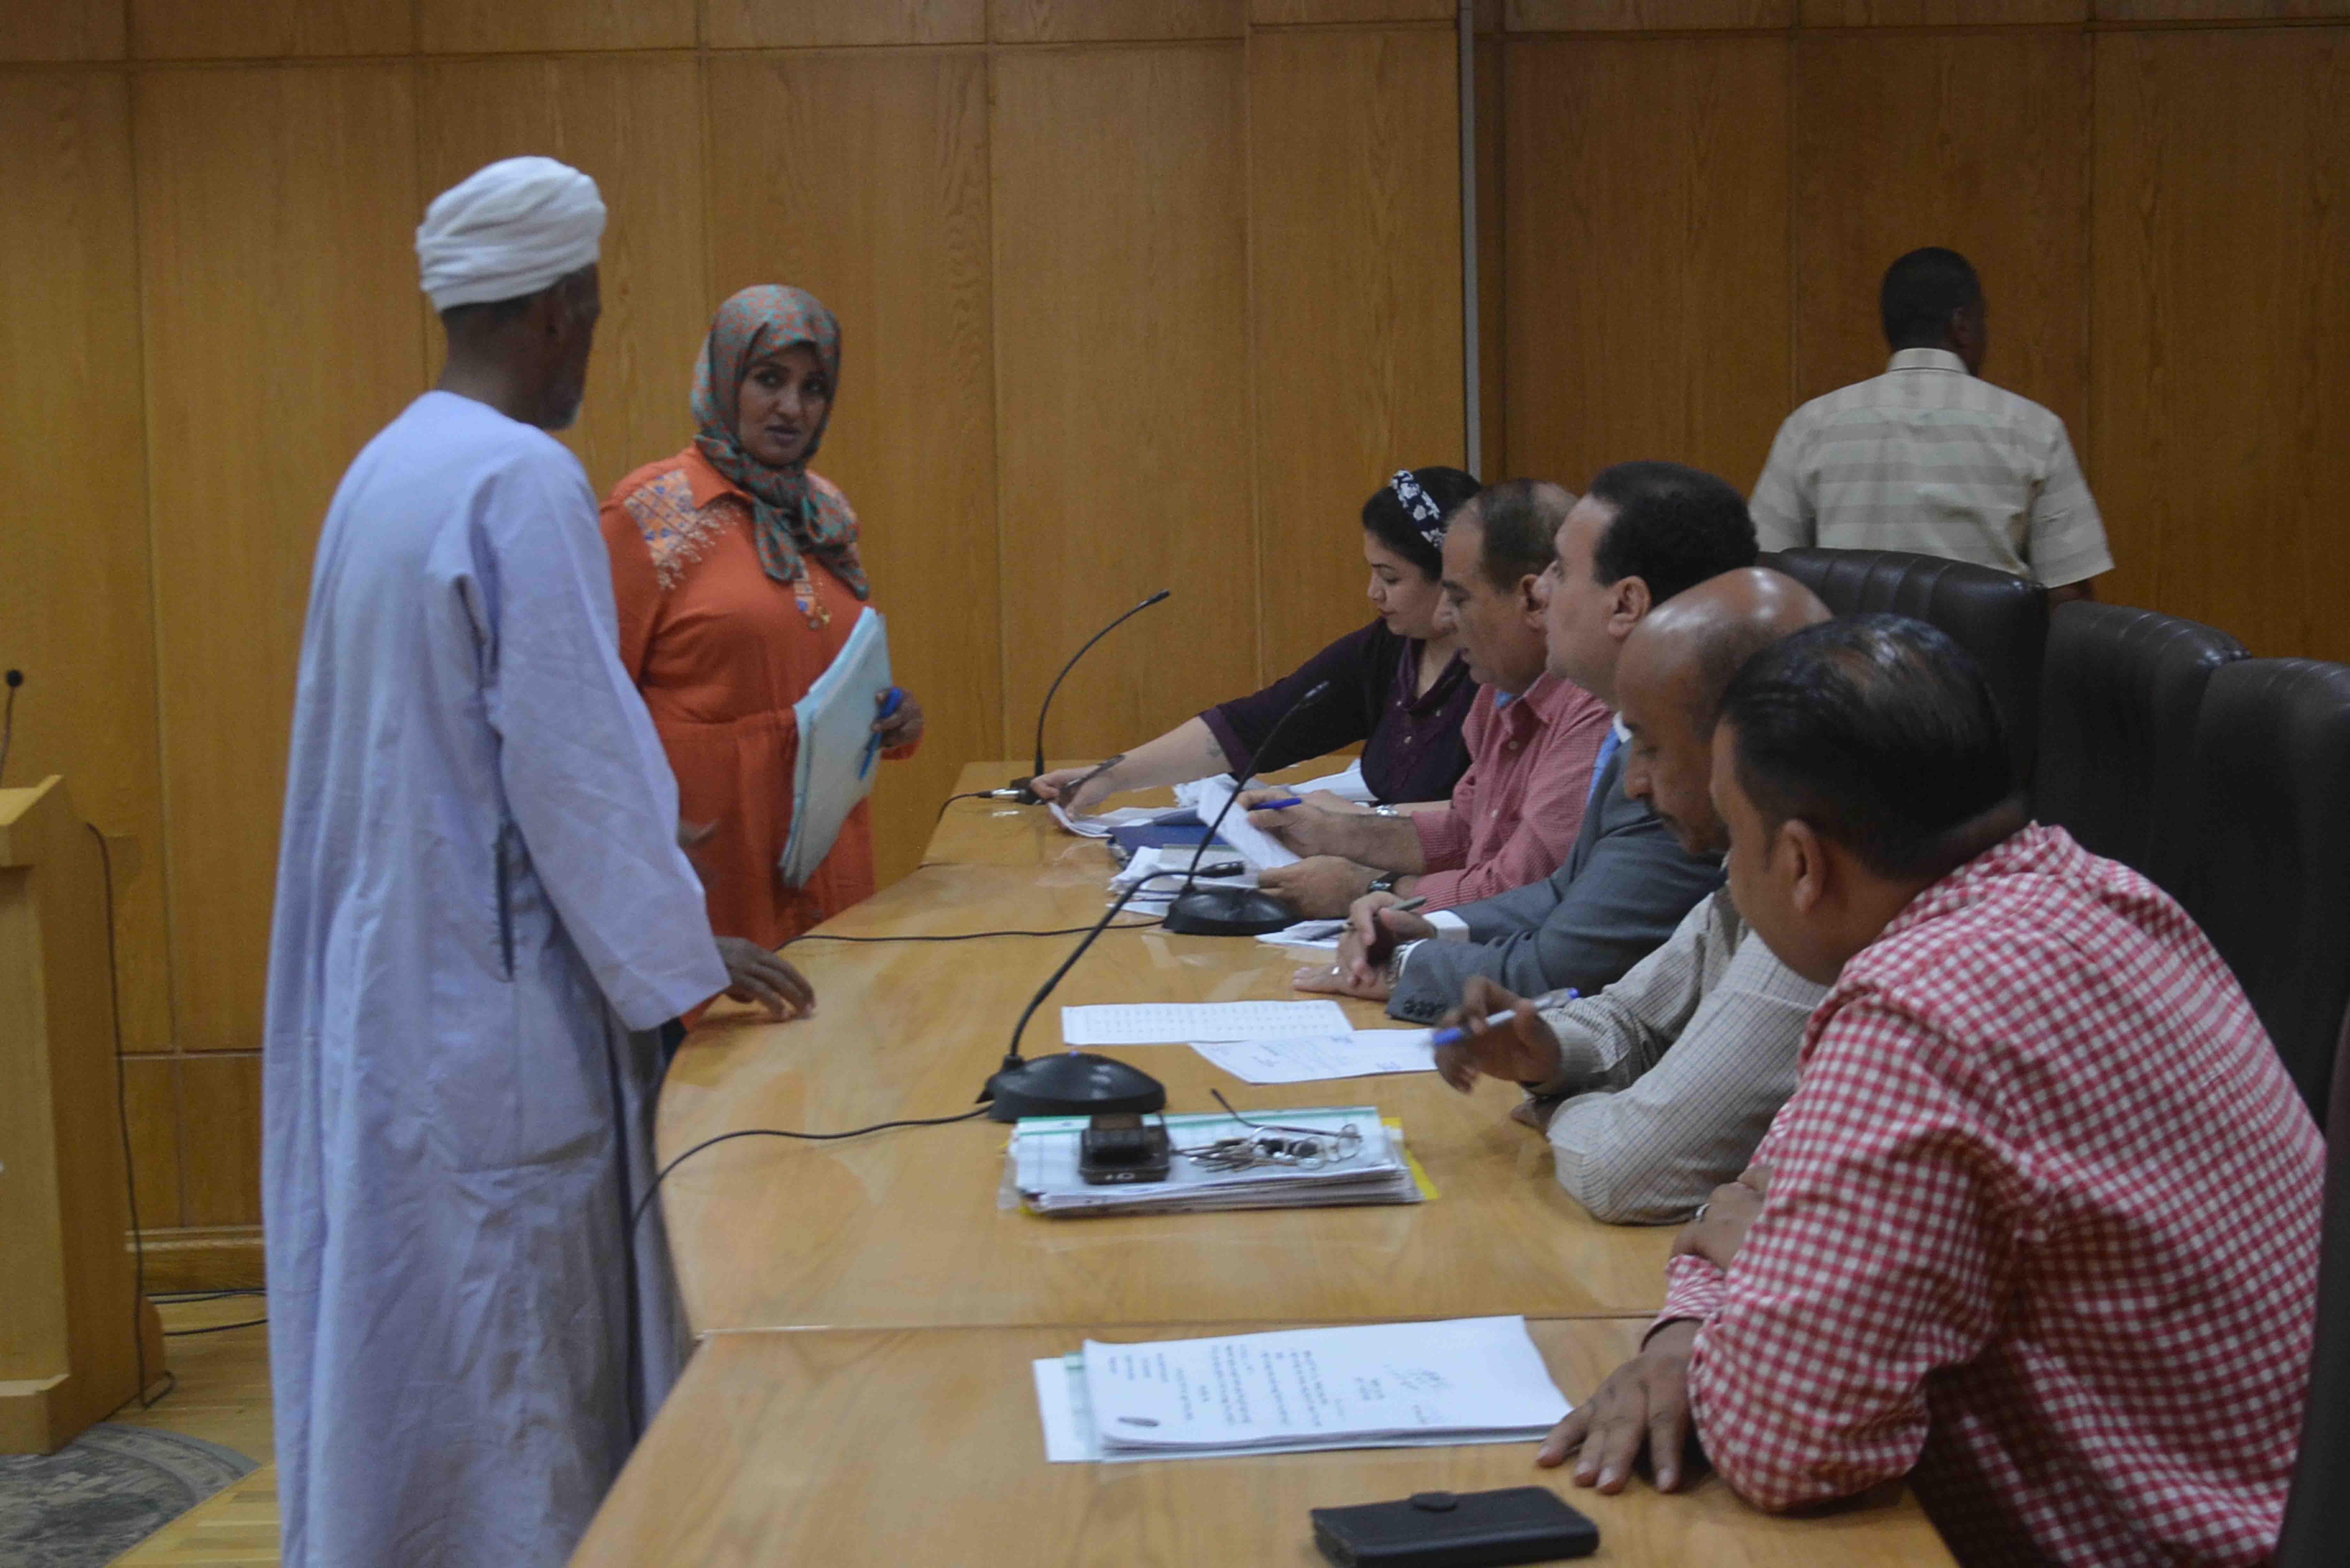 نائب محافظ الأقصر يستمع لشكاوي المواطنين في اليوم المفتوح ويبحث حلها (5)